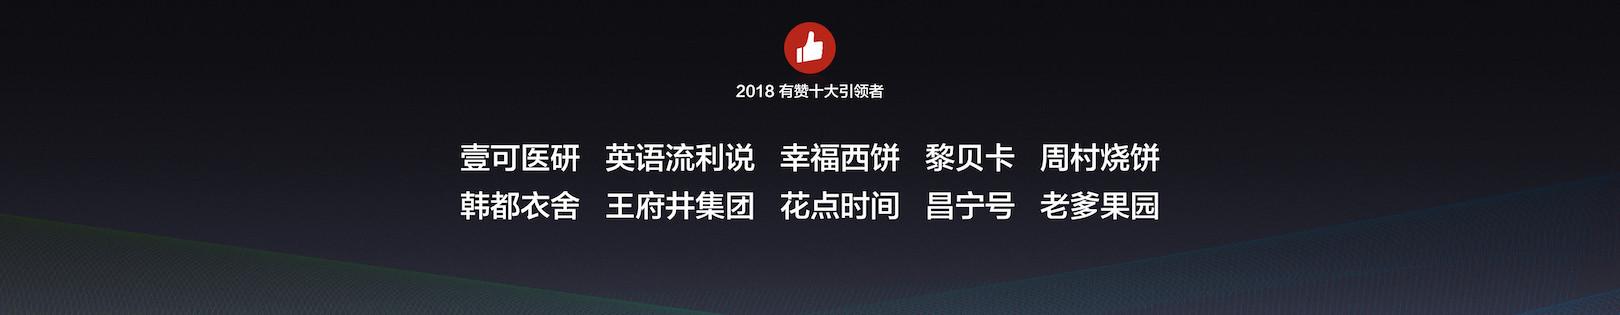 20181127 有赞六周年 - 公开版.159.jpeg